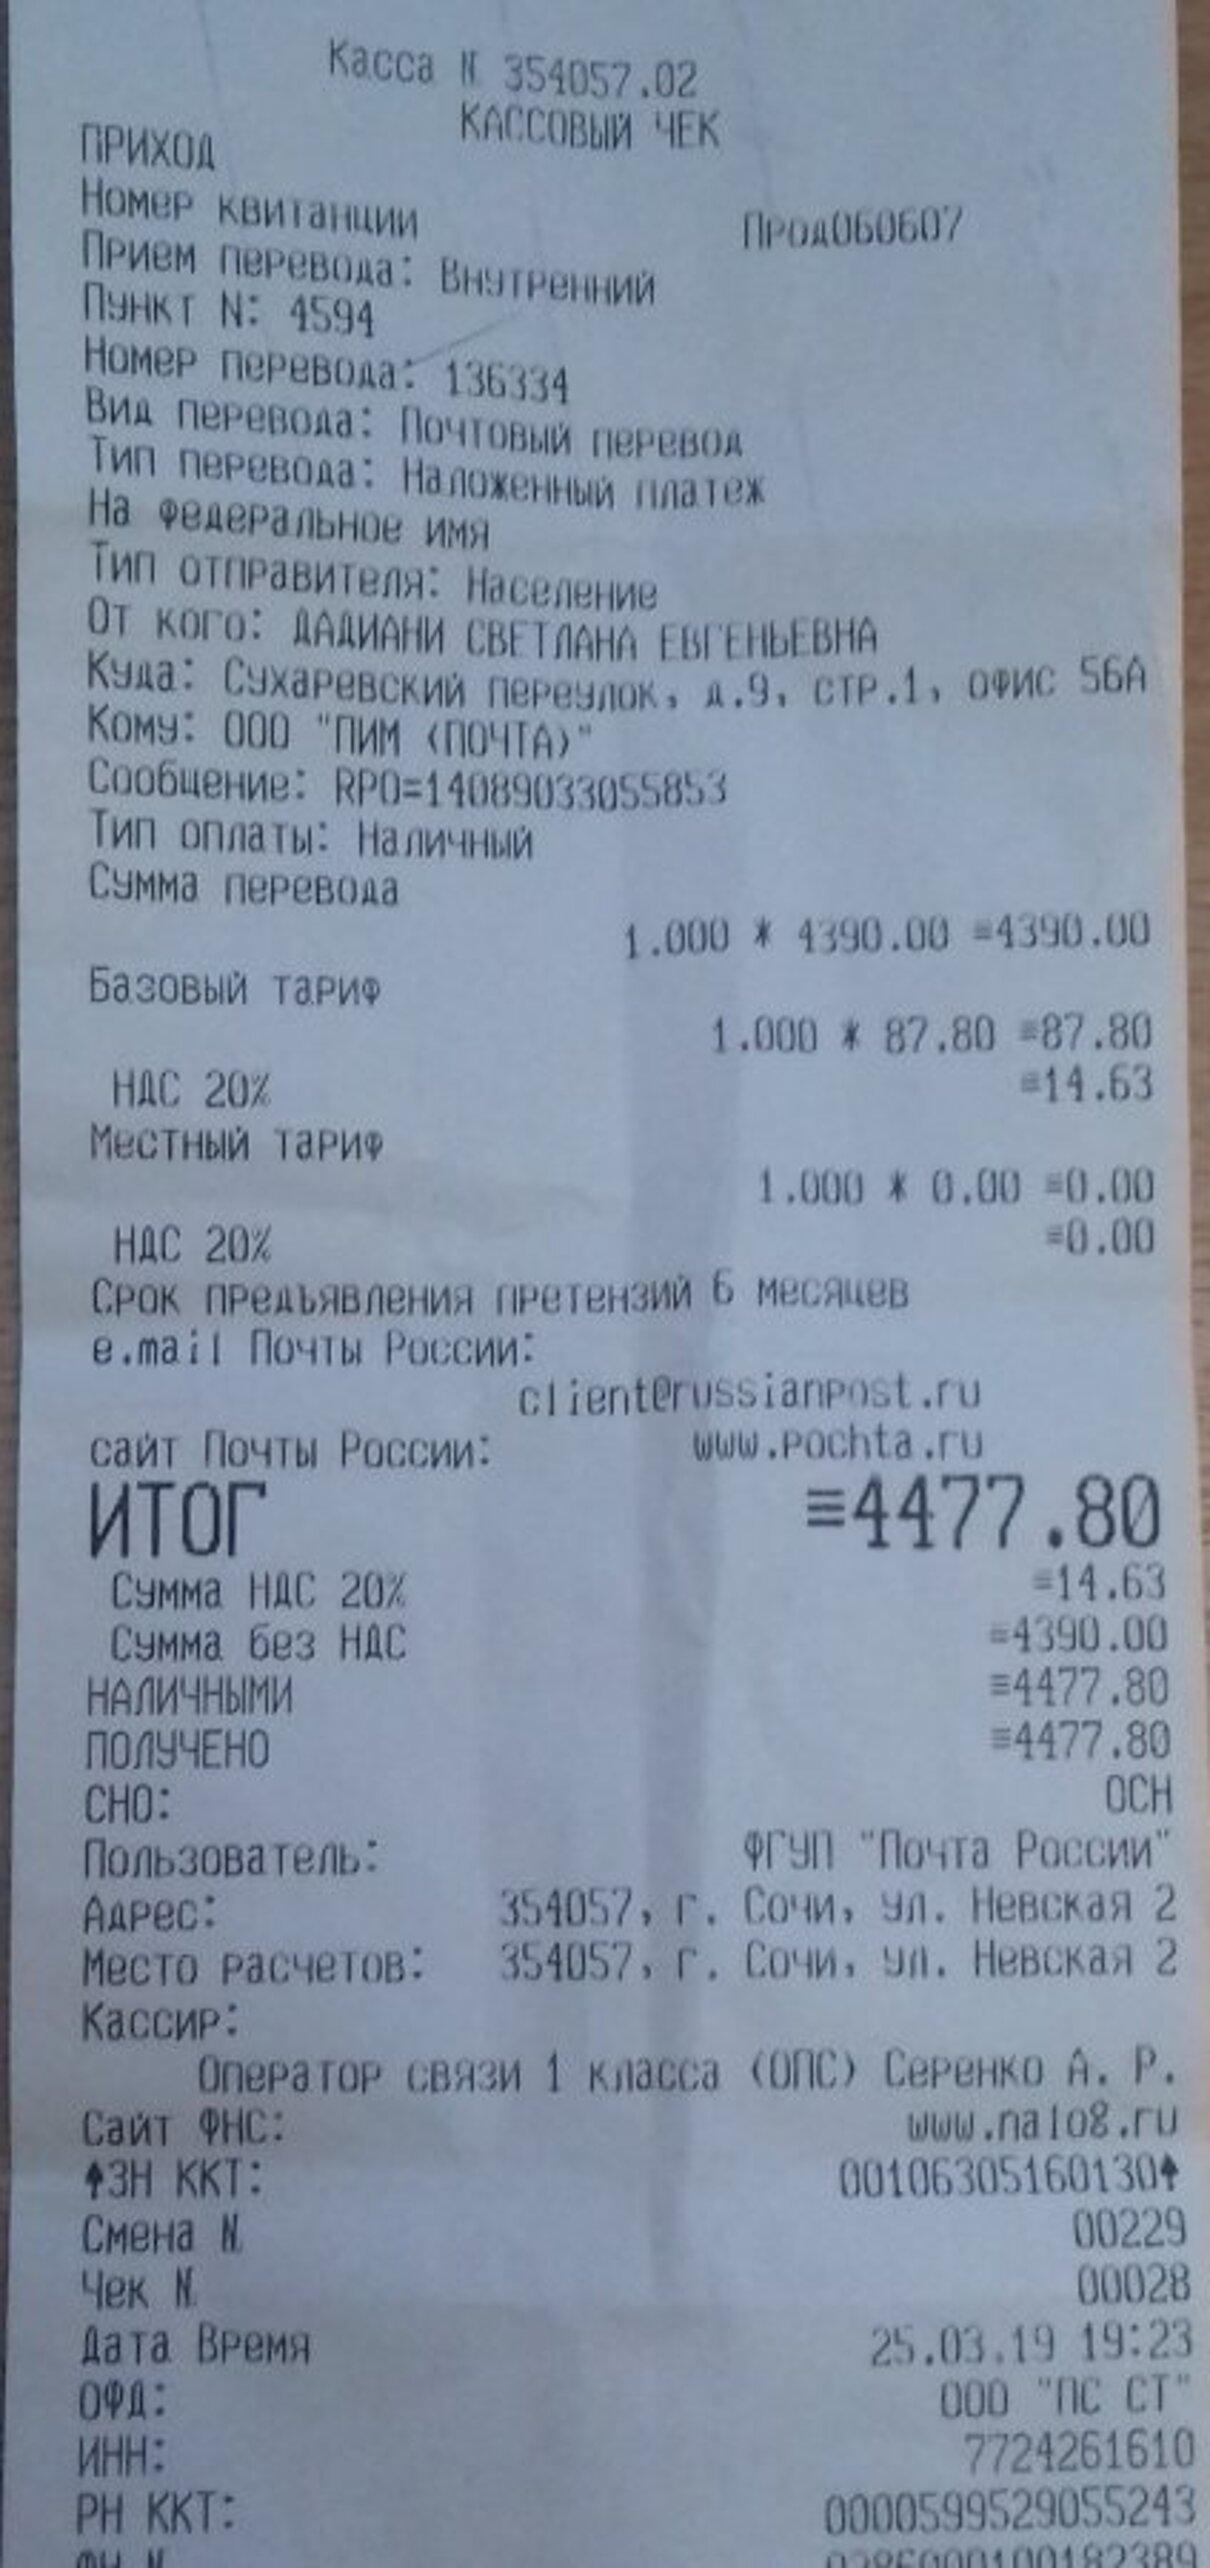 Жалоба-отзыв: ООО ПИМ (Почта) - Не возвращают деньги и не сообщают адреса обидчика.  Фото №2